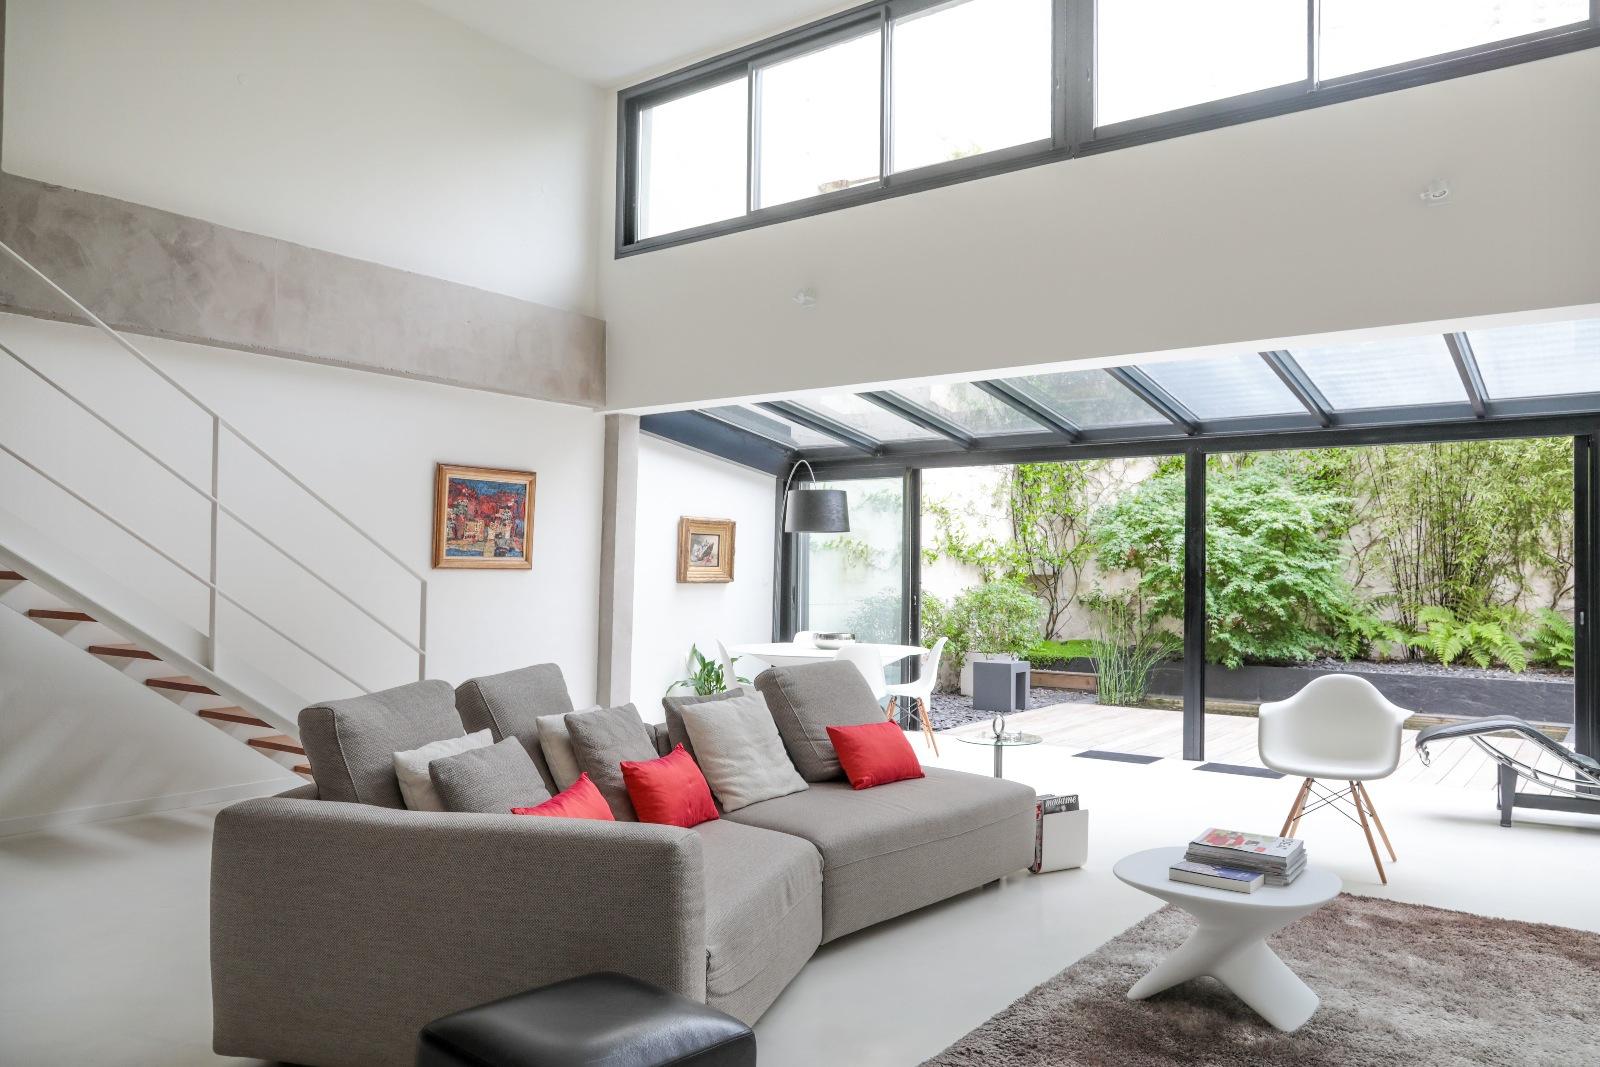 Vente tr s bel appartement contemporain r nov ouvrant sur son jardin japonais - Jardin paysager prix bordeaux ...